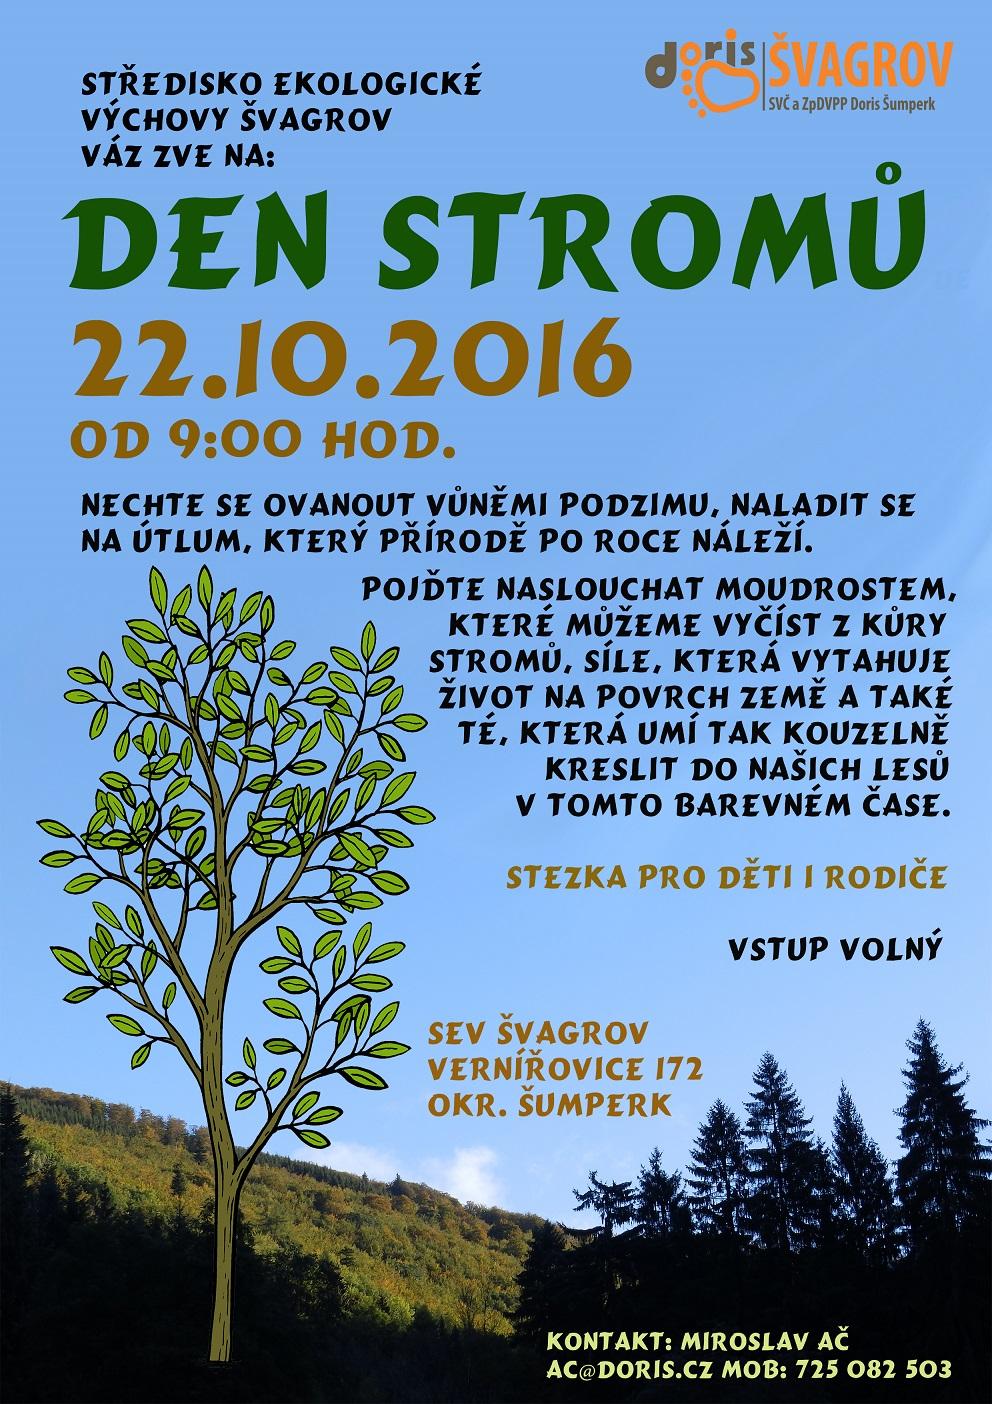 Denstromu2016